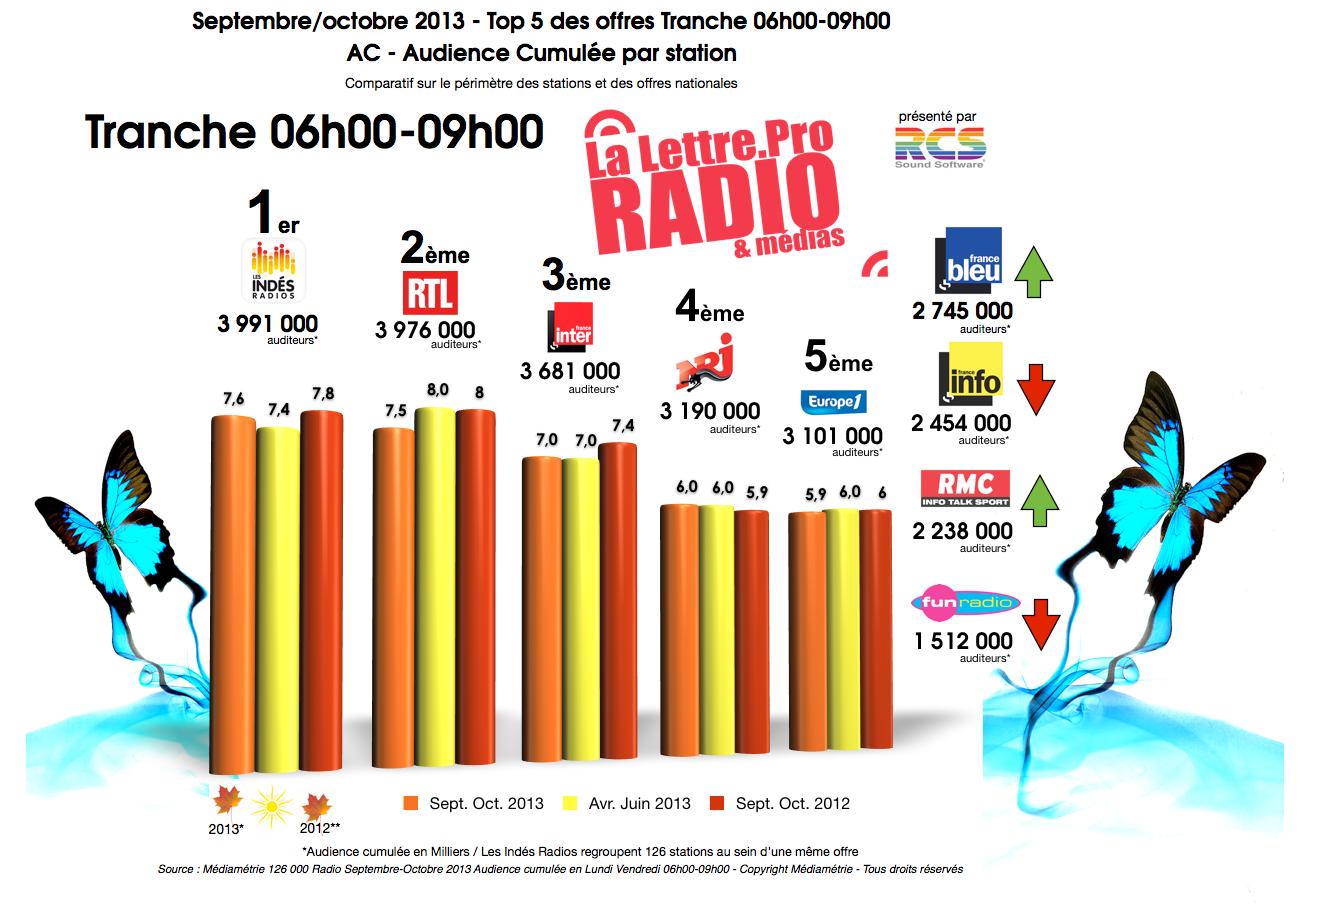 Diagramme exclusif LLP/RCS GSelector 4 - TOP 5 des offres Tranche 06h00-09h00 - 126 000 Radio Septembre-Octobre 2013